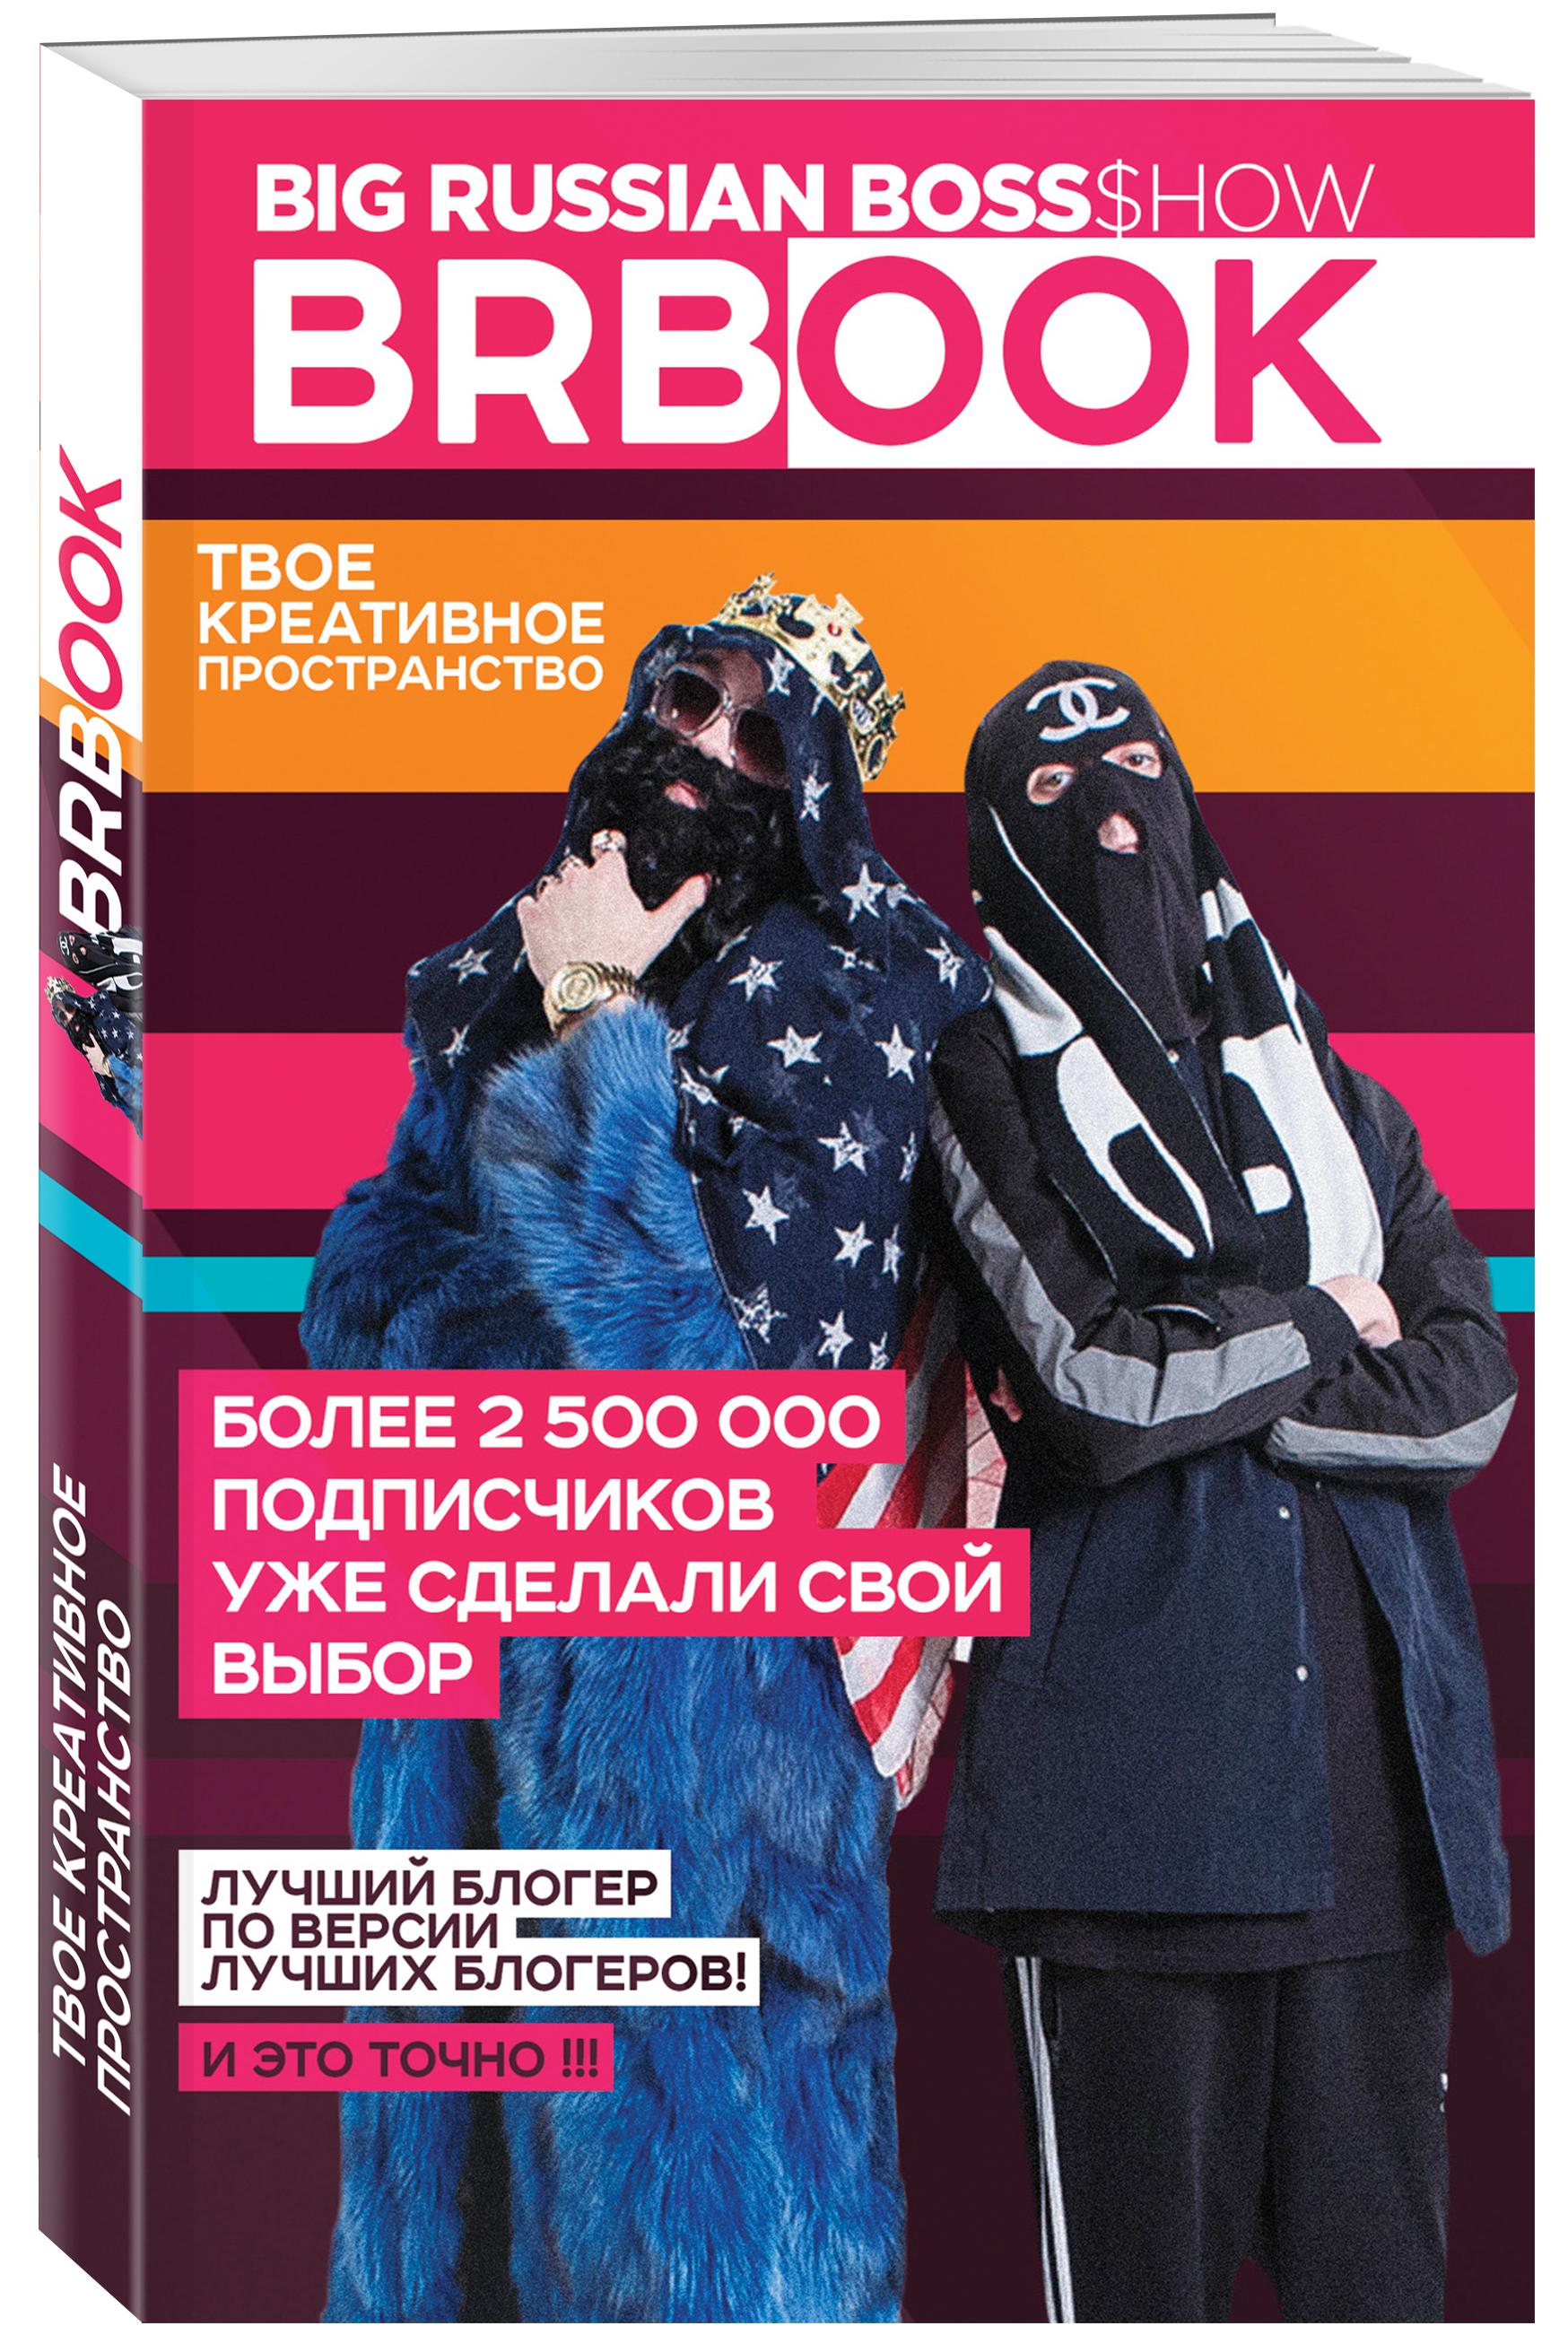 9785040923113 - БигРашнБосс Шоу: BRBook. Твое креативное пространство (+ стикеры) - Книга